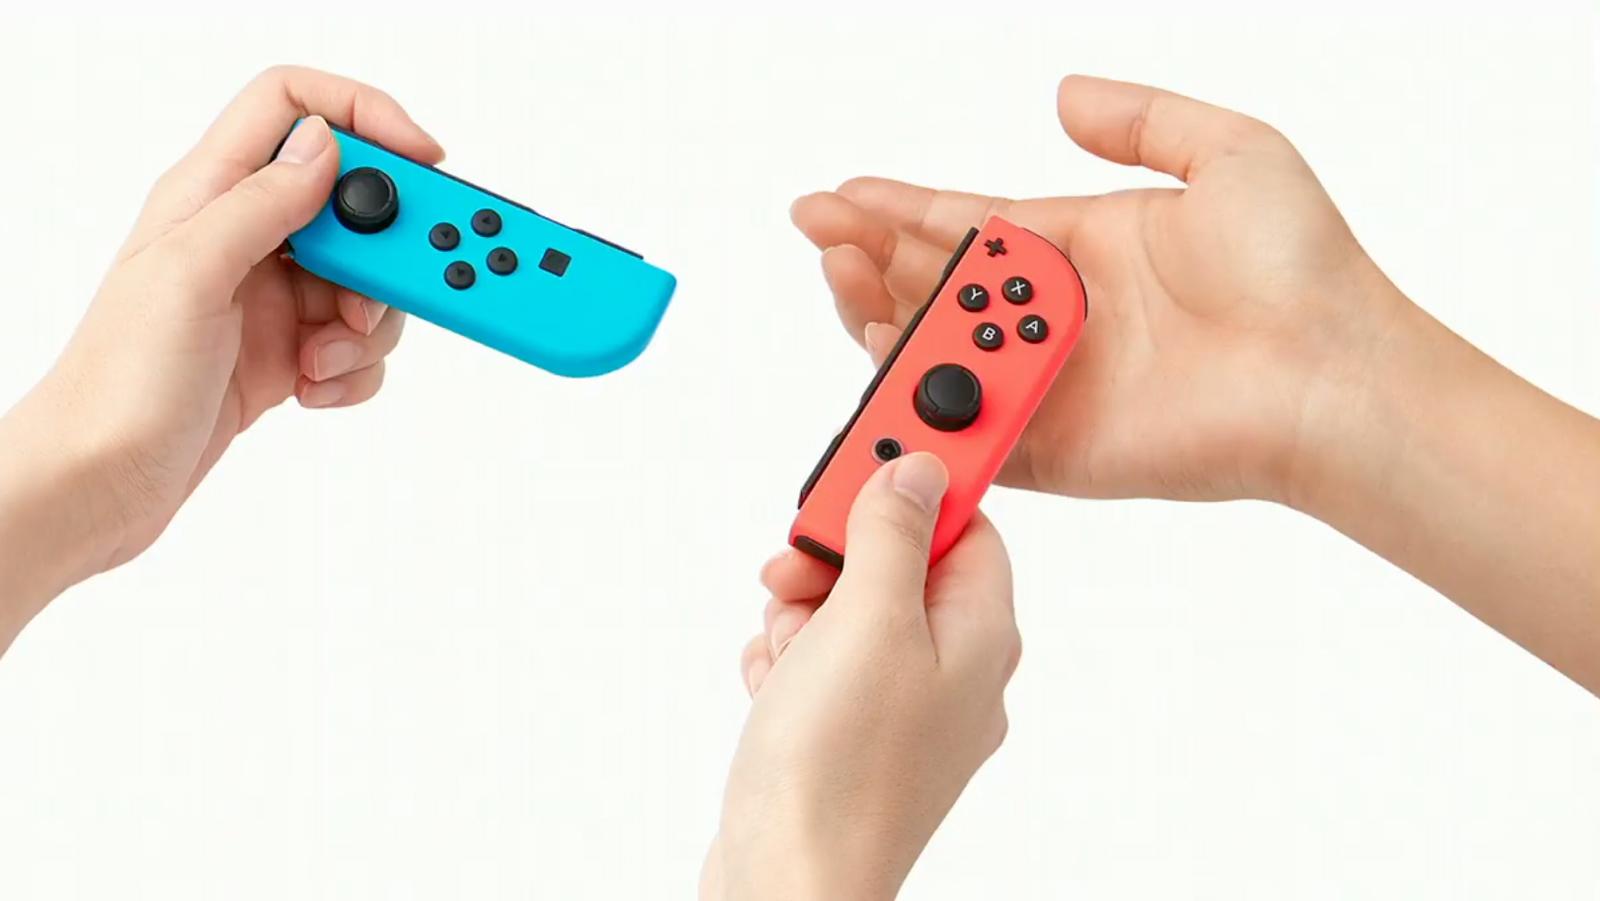 Die Joy-Con-Controller der Switch im Detail